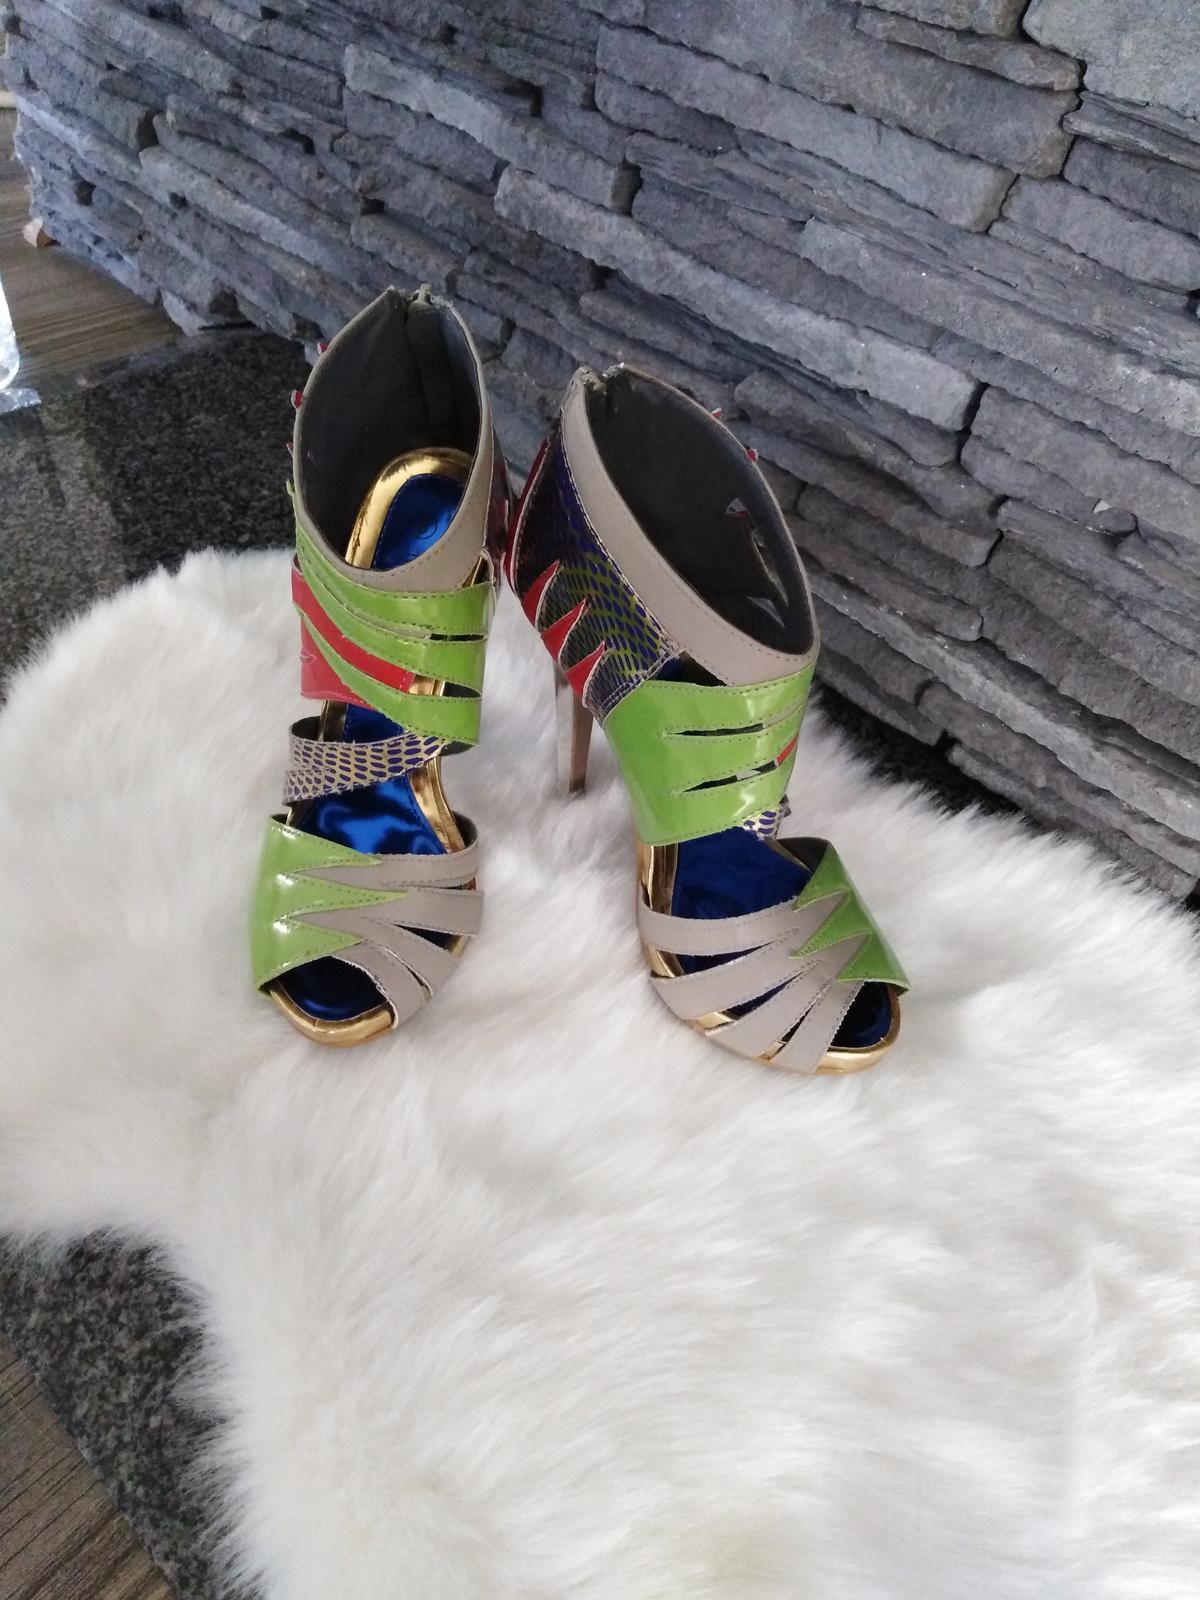 Farebné sandalky - Obrázok č. 2